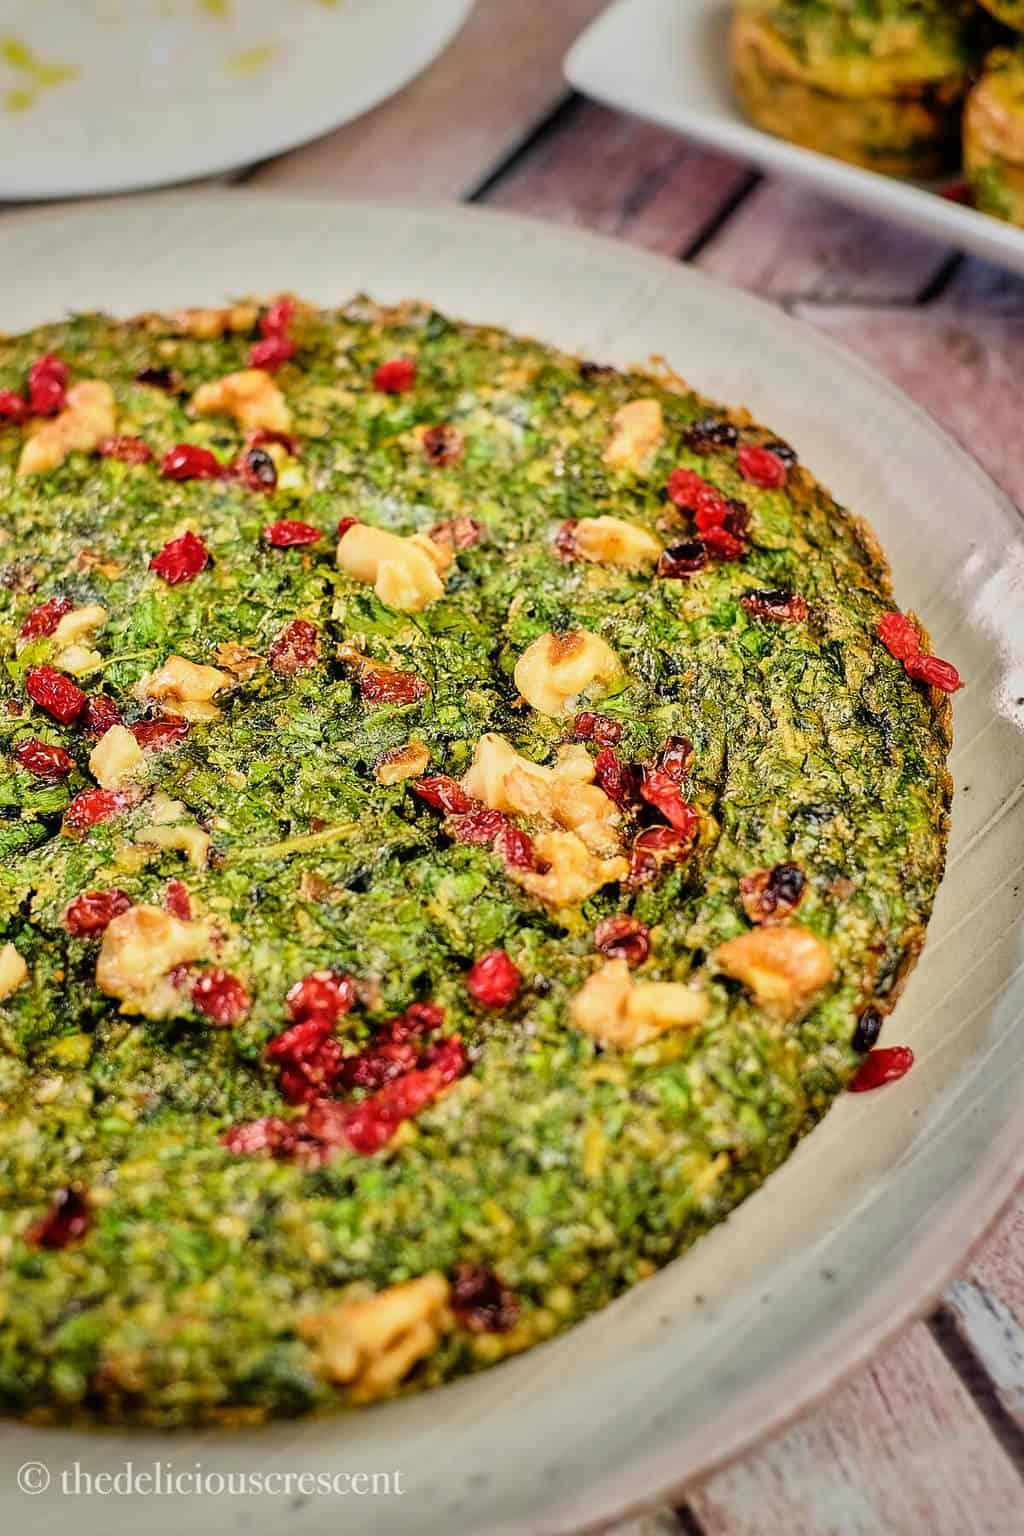 Kuku sabzi placed on a grey plate.